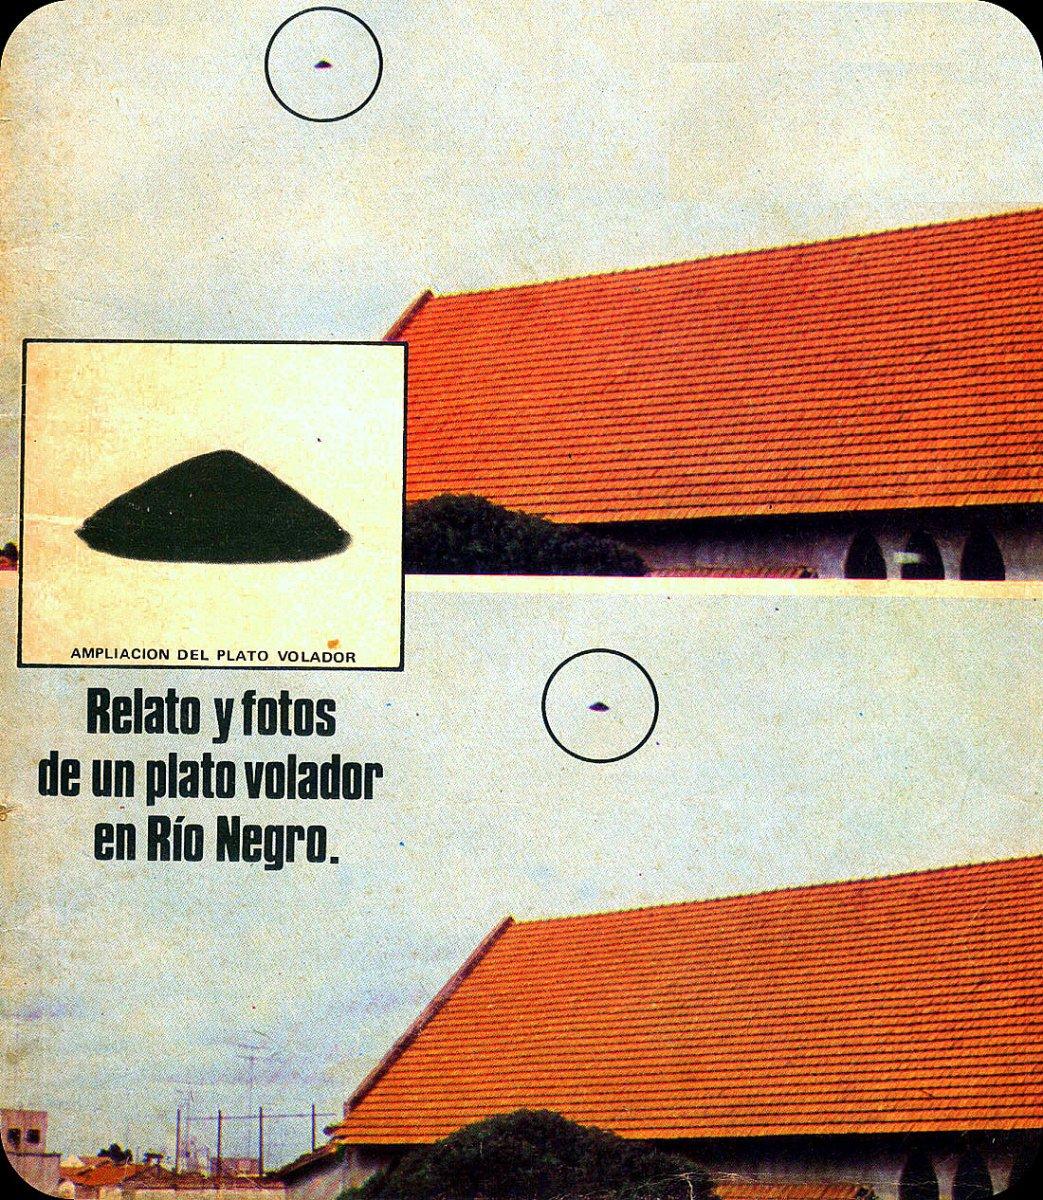 """Caso """"Las Grutas"""": Relato y fotos de un """"plato volador"""" en Río Negro (Segunda parte)."""